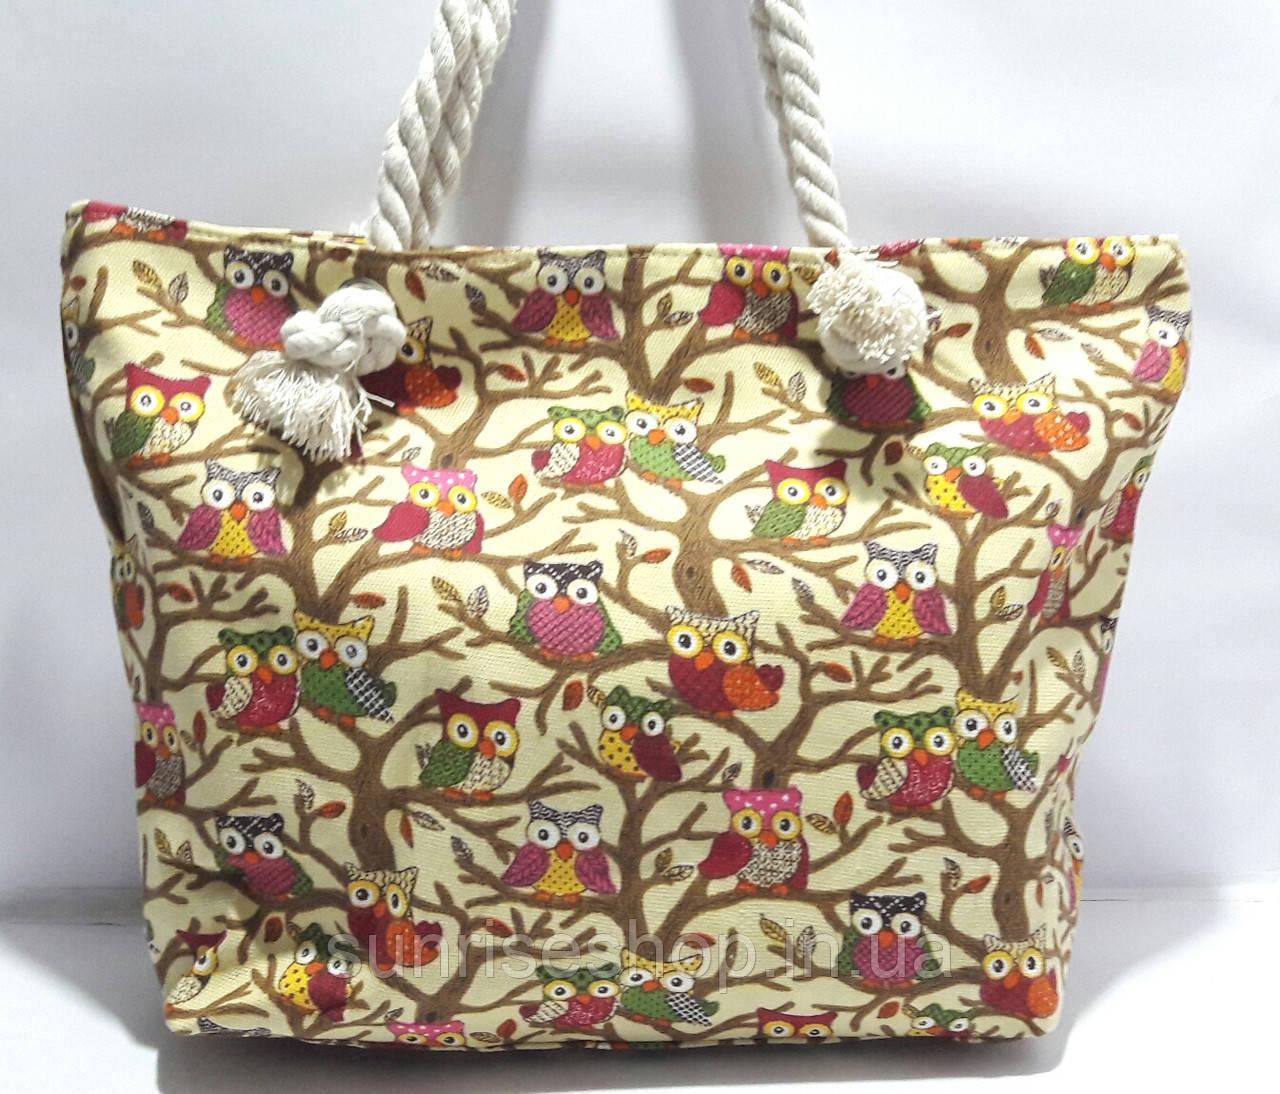 Пляжная текстильная летняя сумка для пляжа и прогулок Совушки бежевая